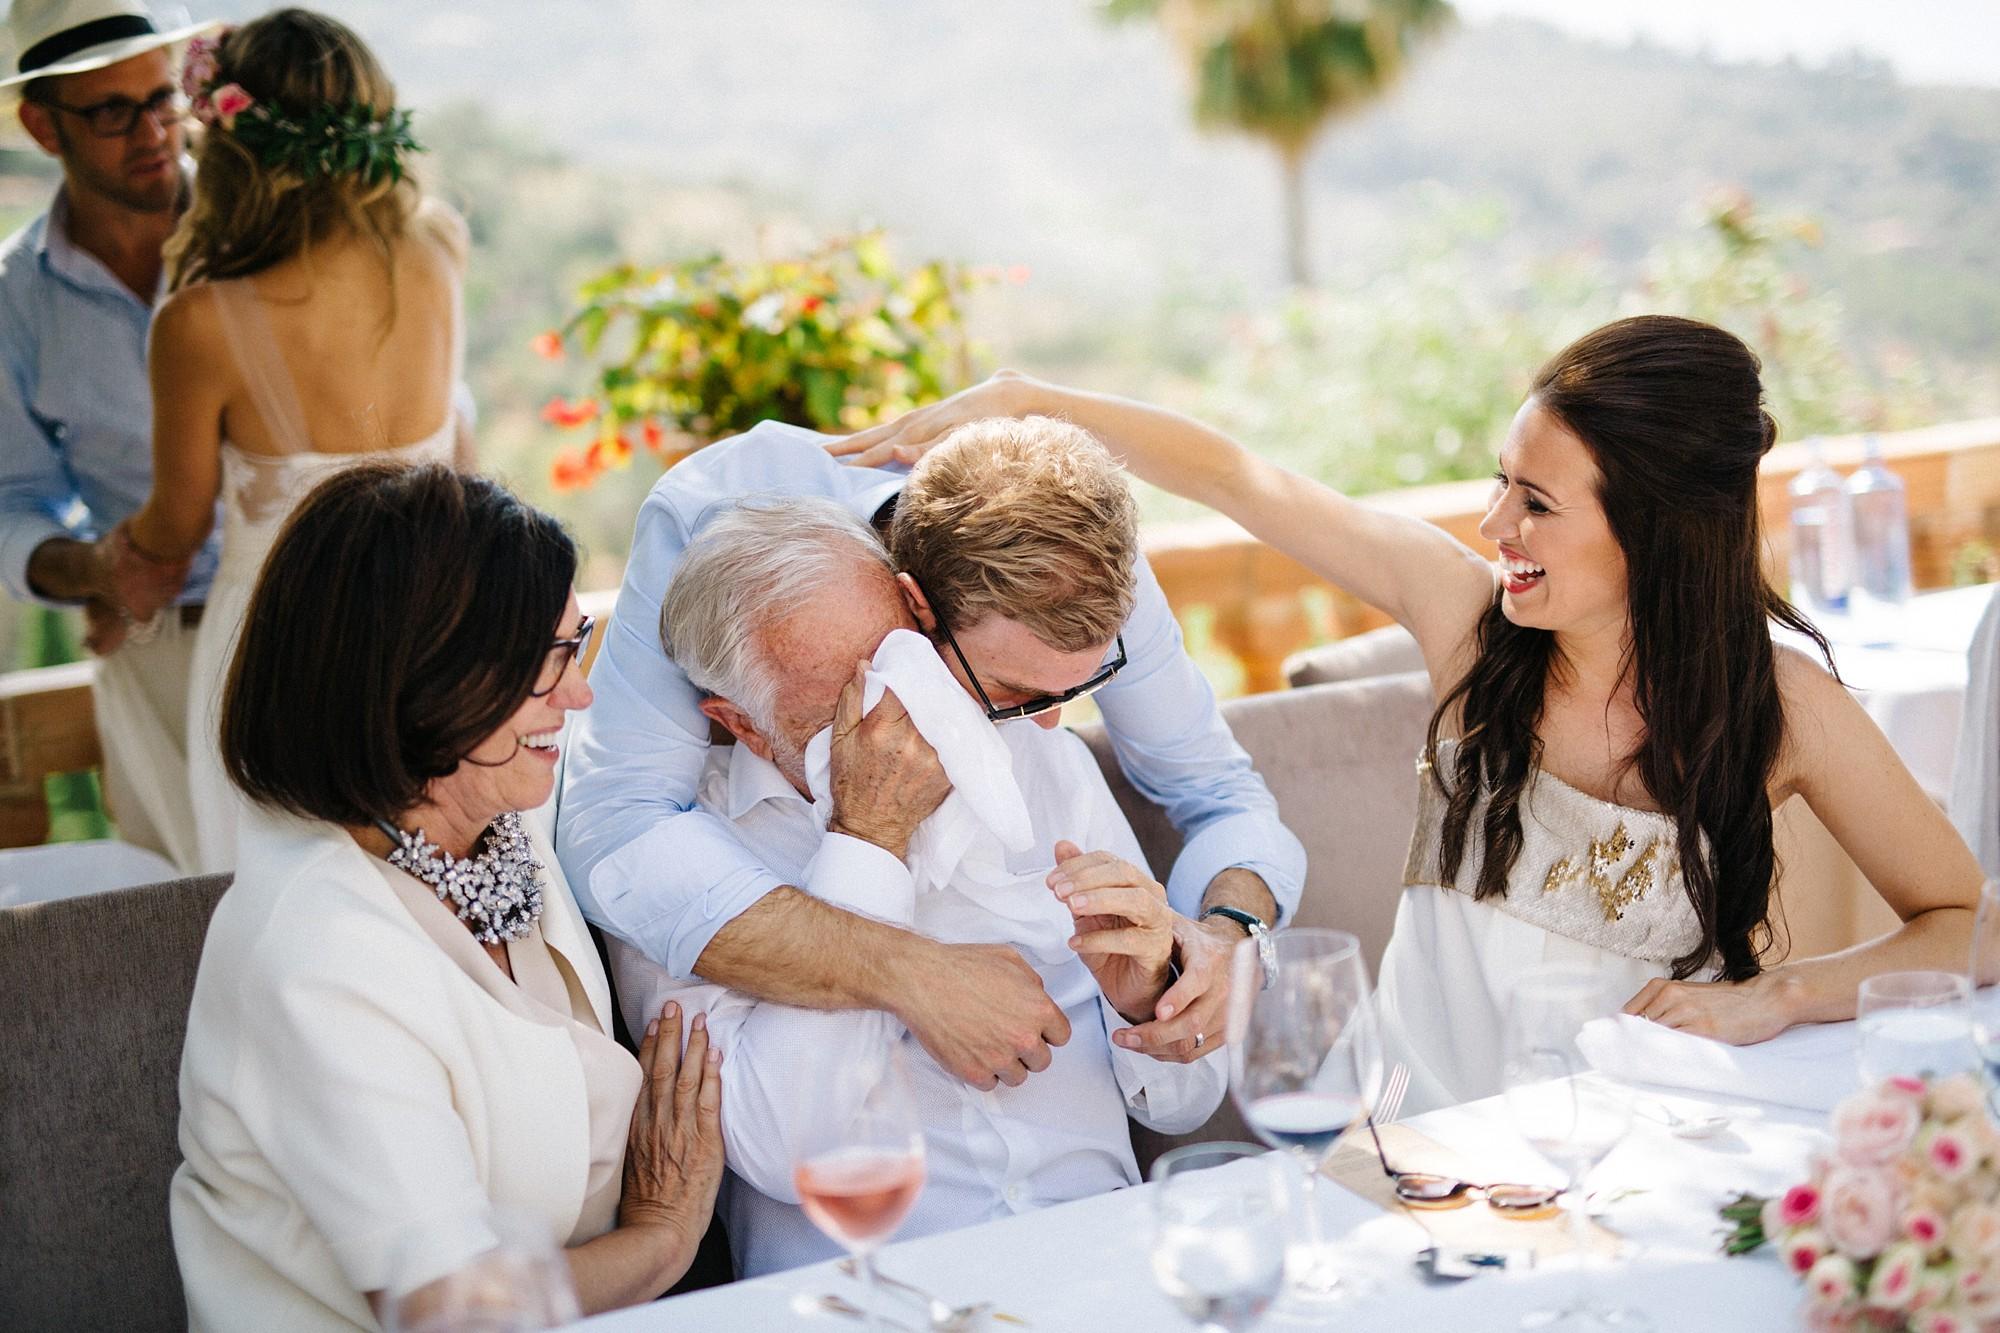 fotografos de boda en valencia barcelona mallorca wedding photographer138.jpg